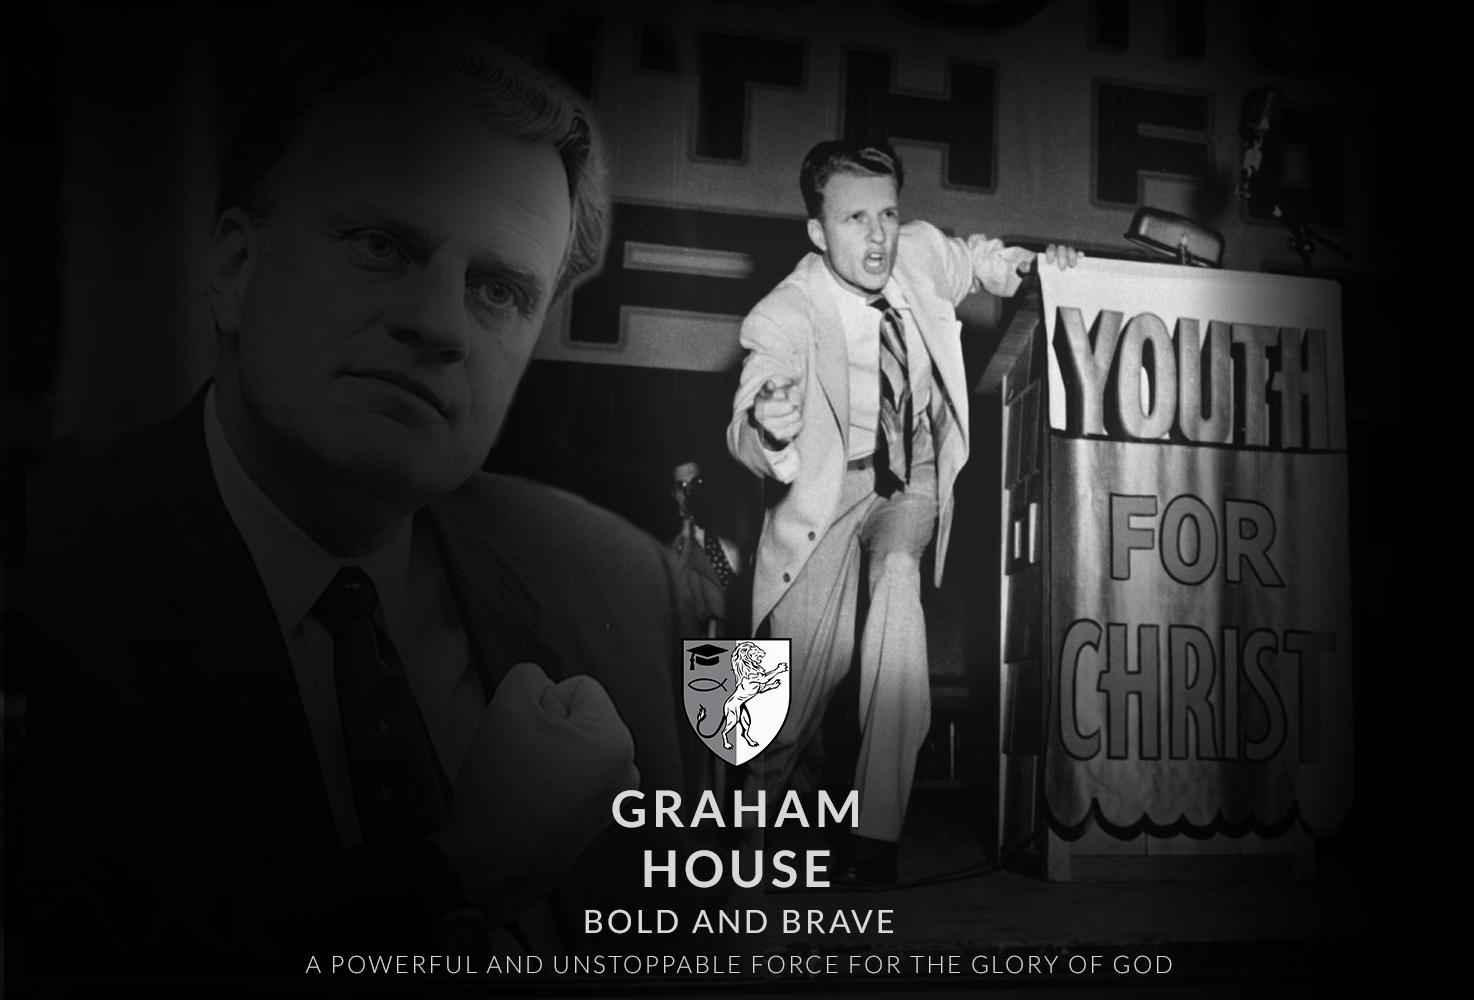 GrahamHouse_AW3.jpg?mtime=20200820135008#asset:5494